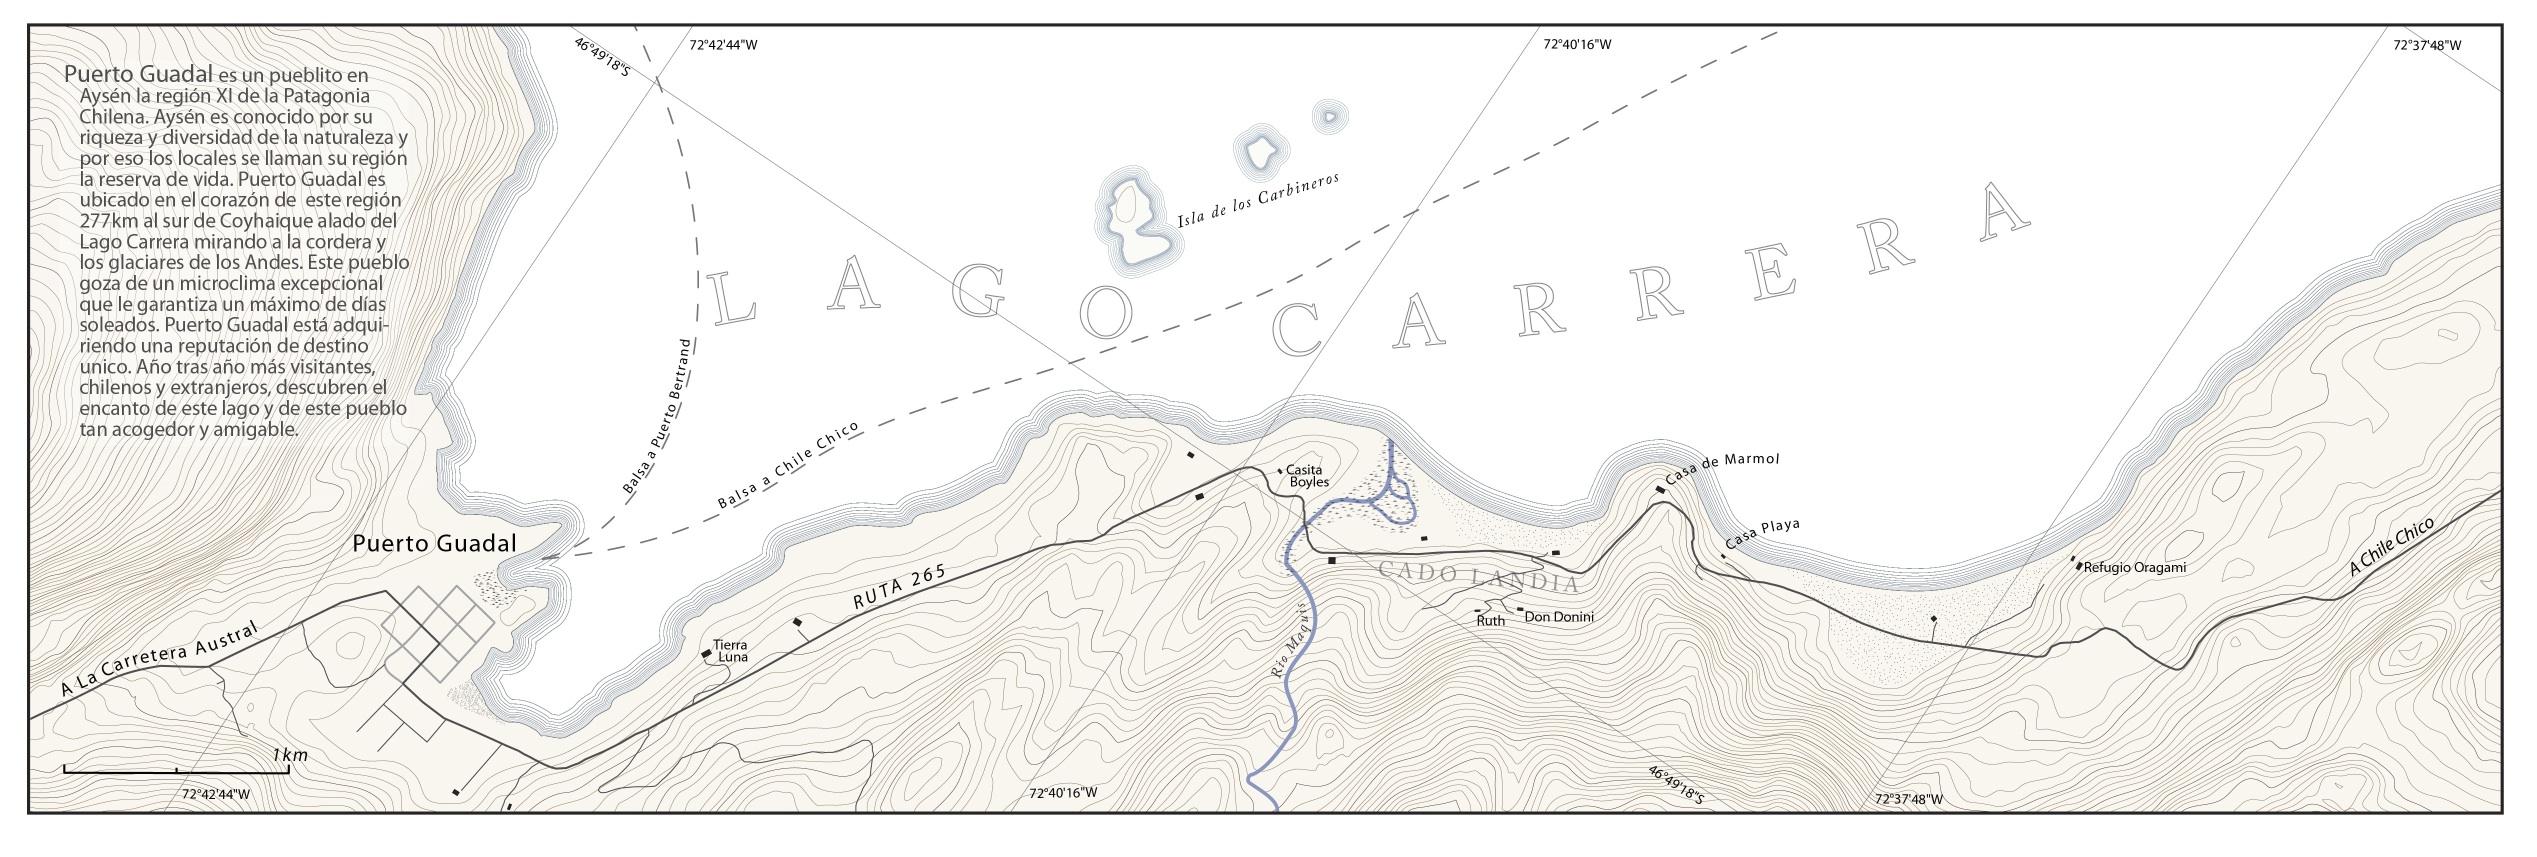 Guadal_Map_4